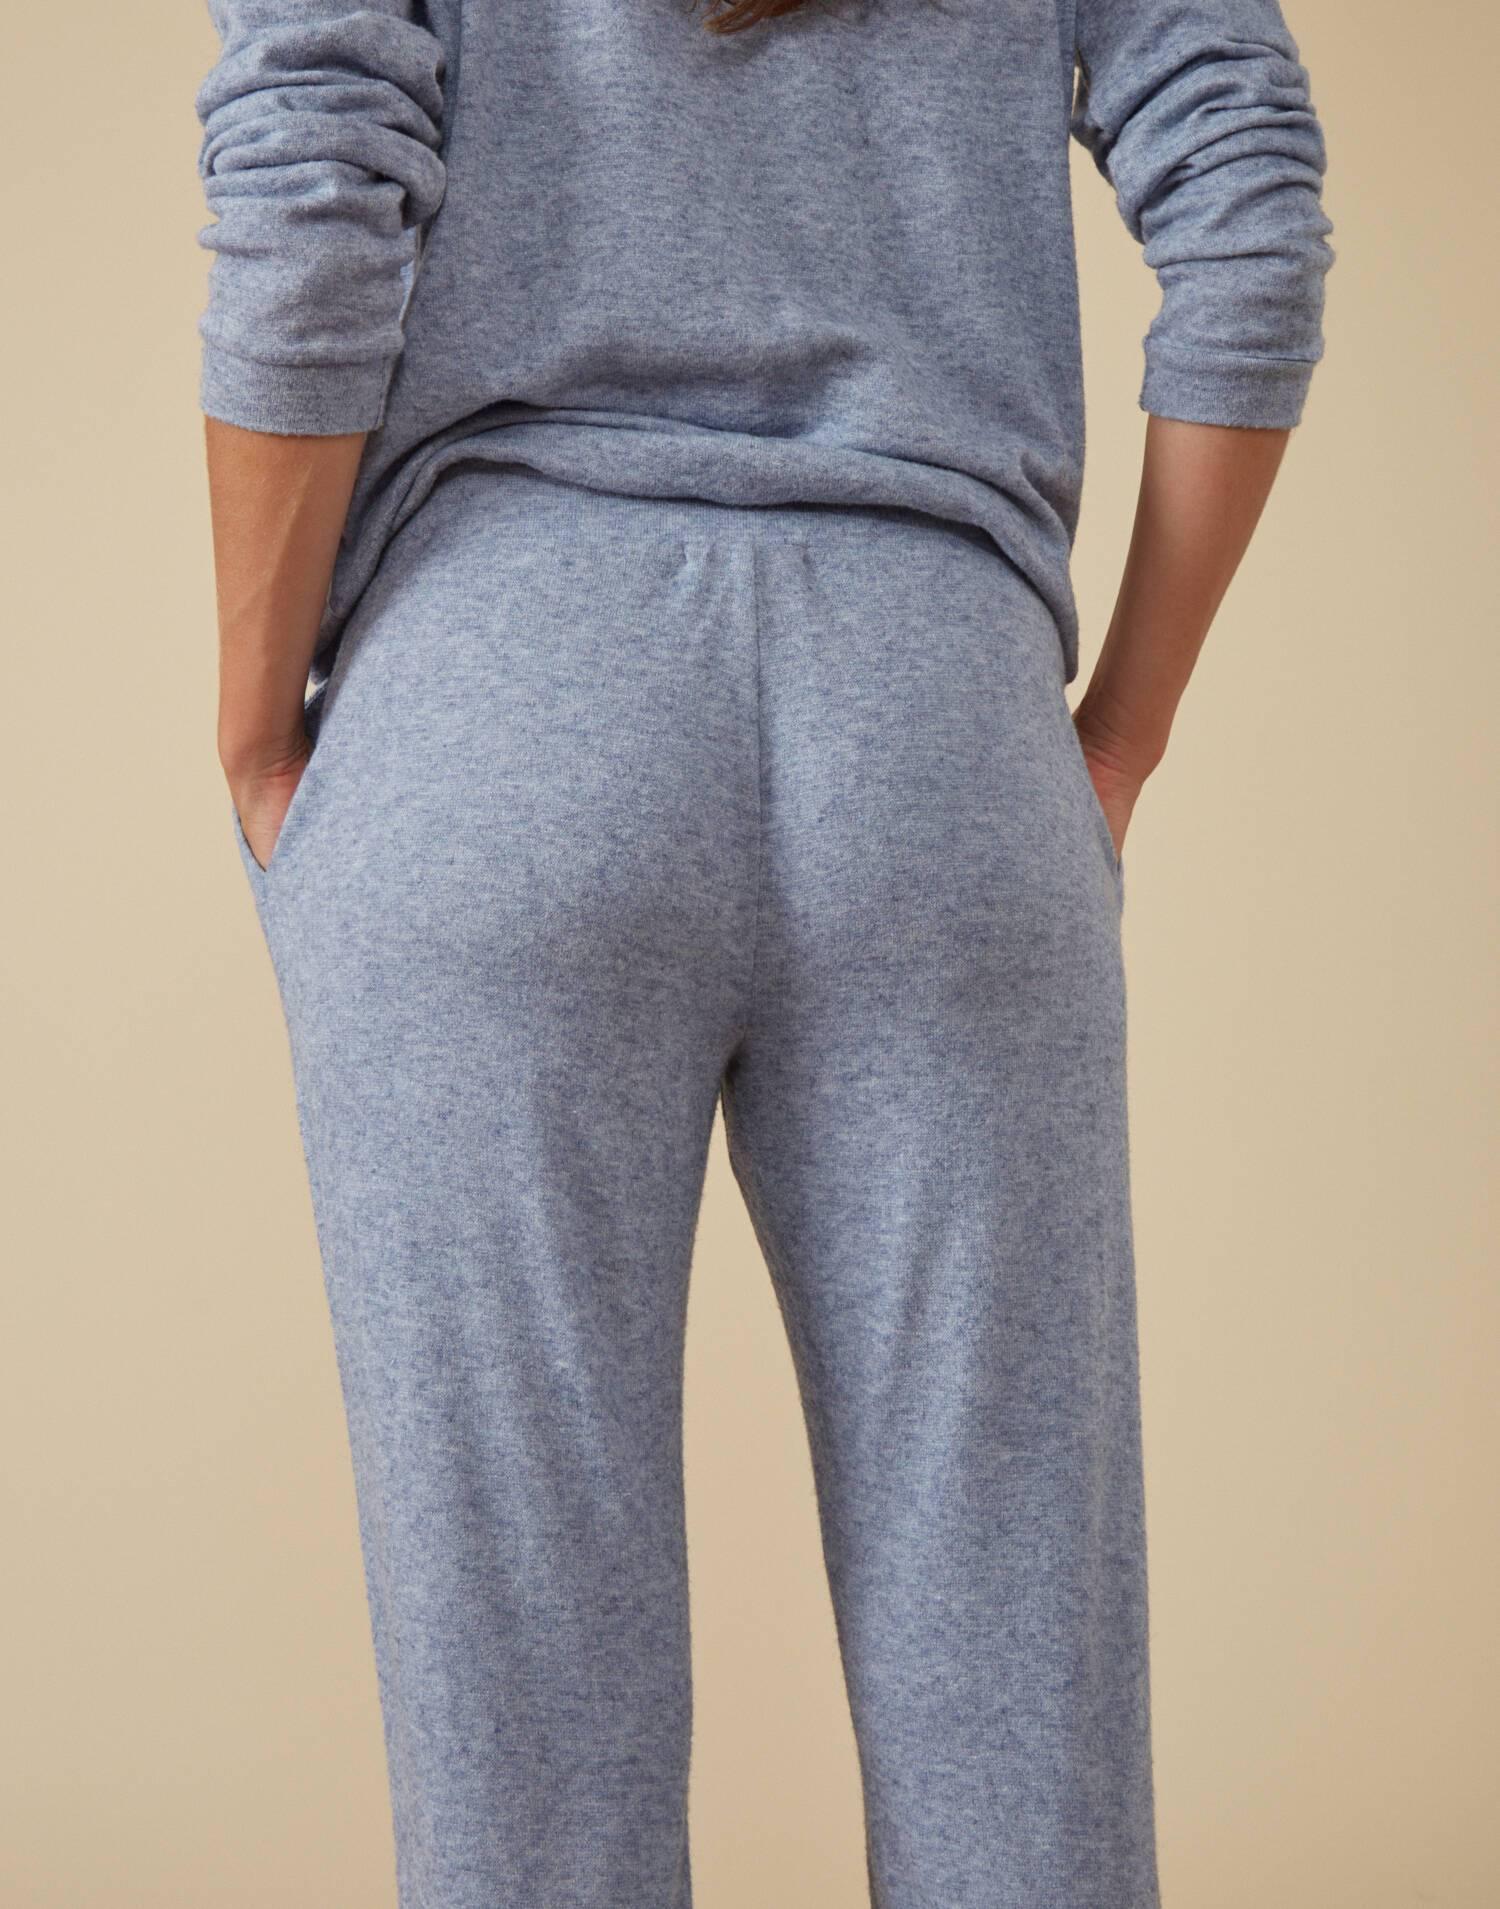 Soft pant